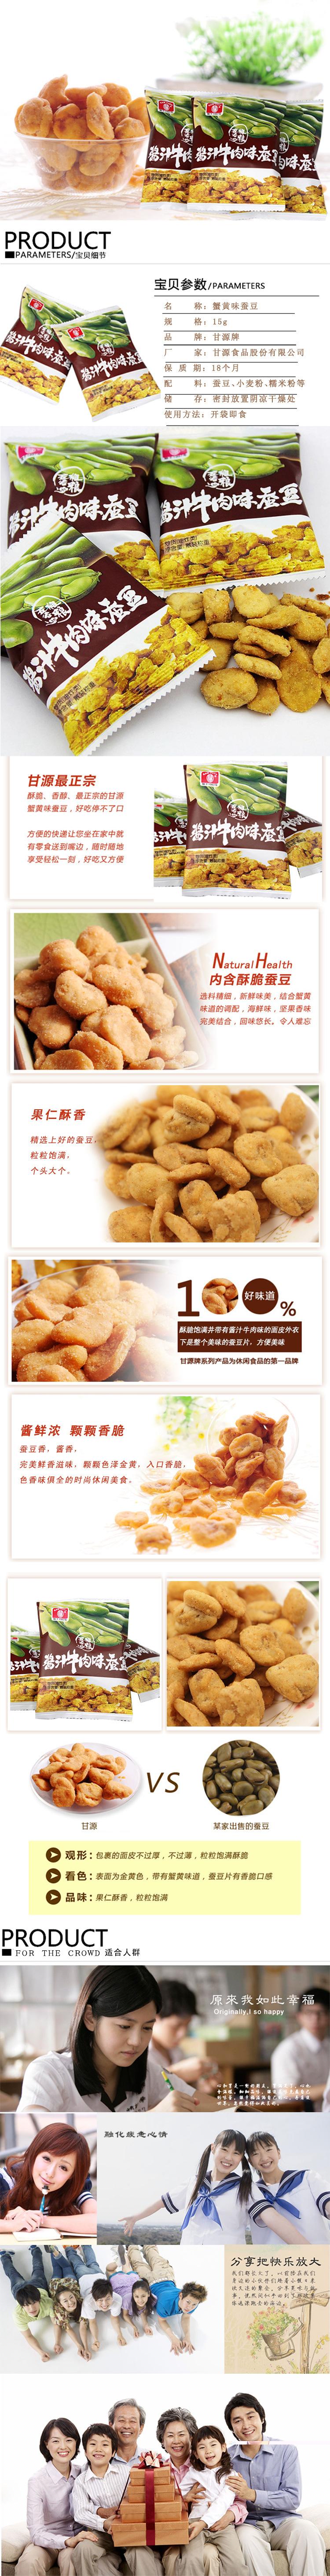 酱汁牛肉味蚕豆11